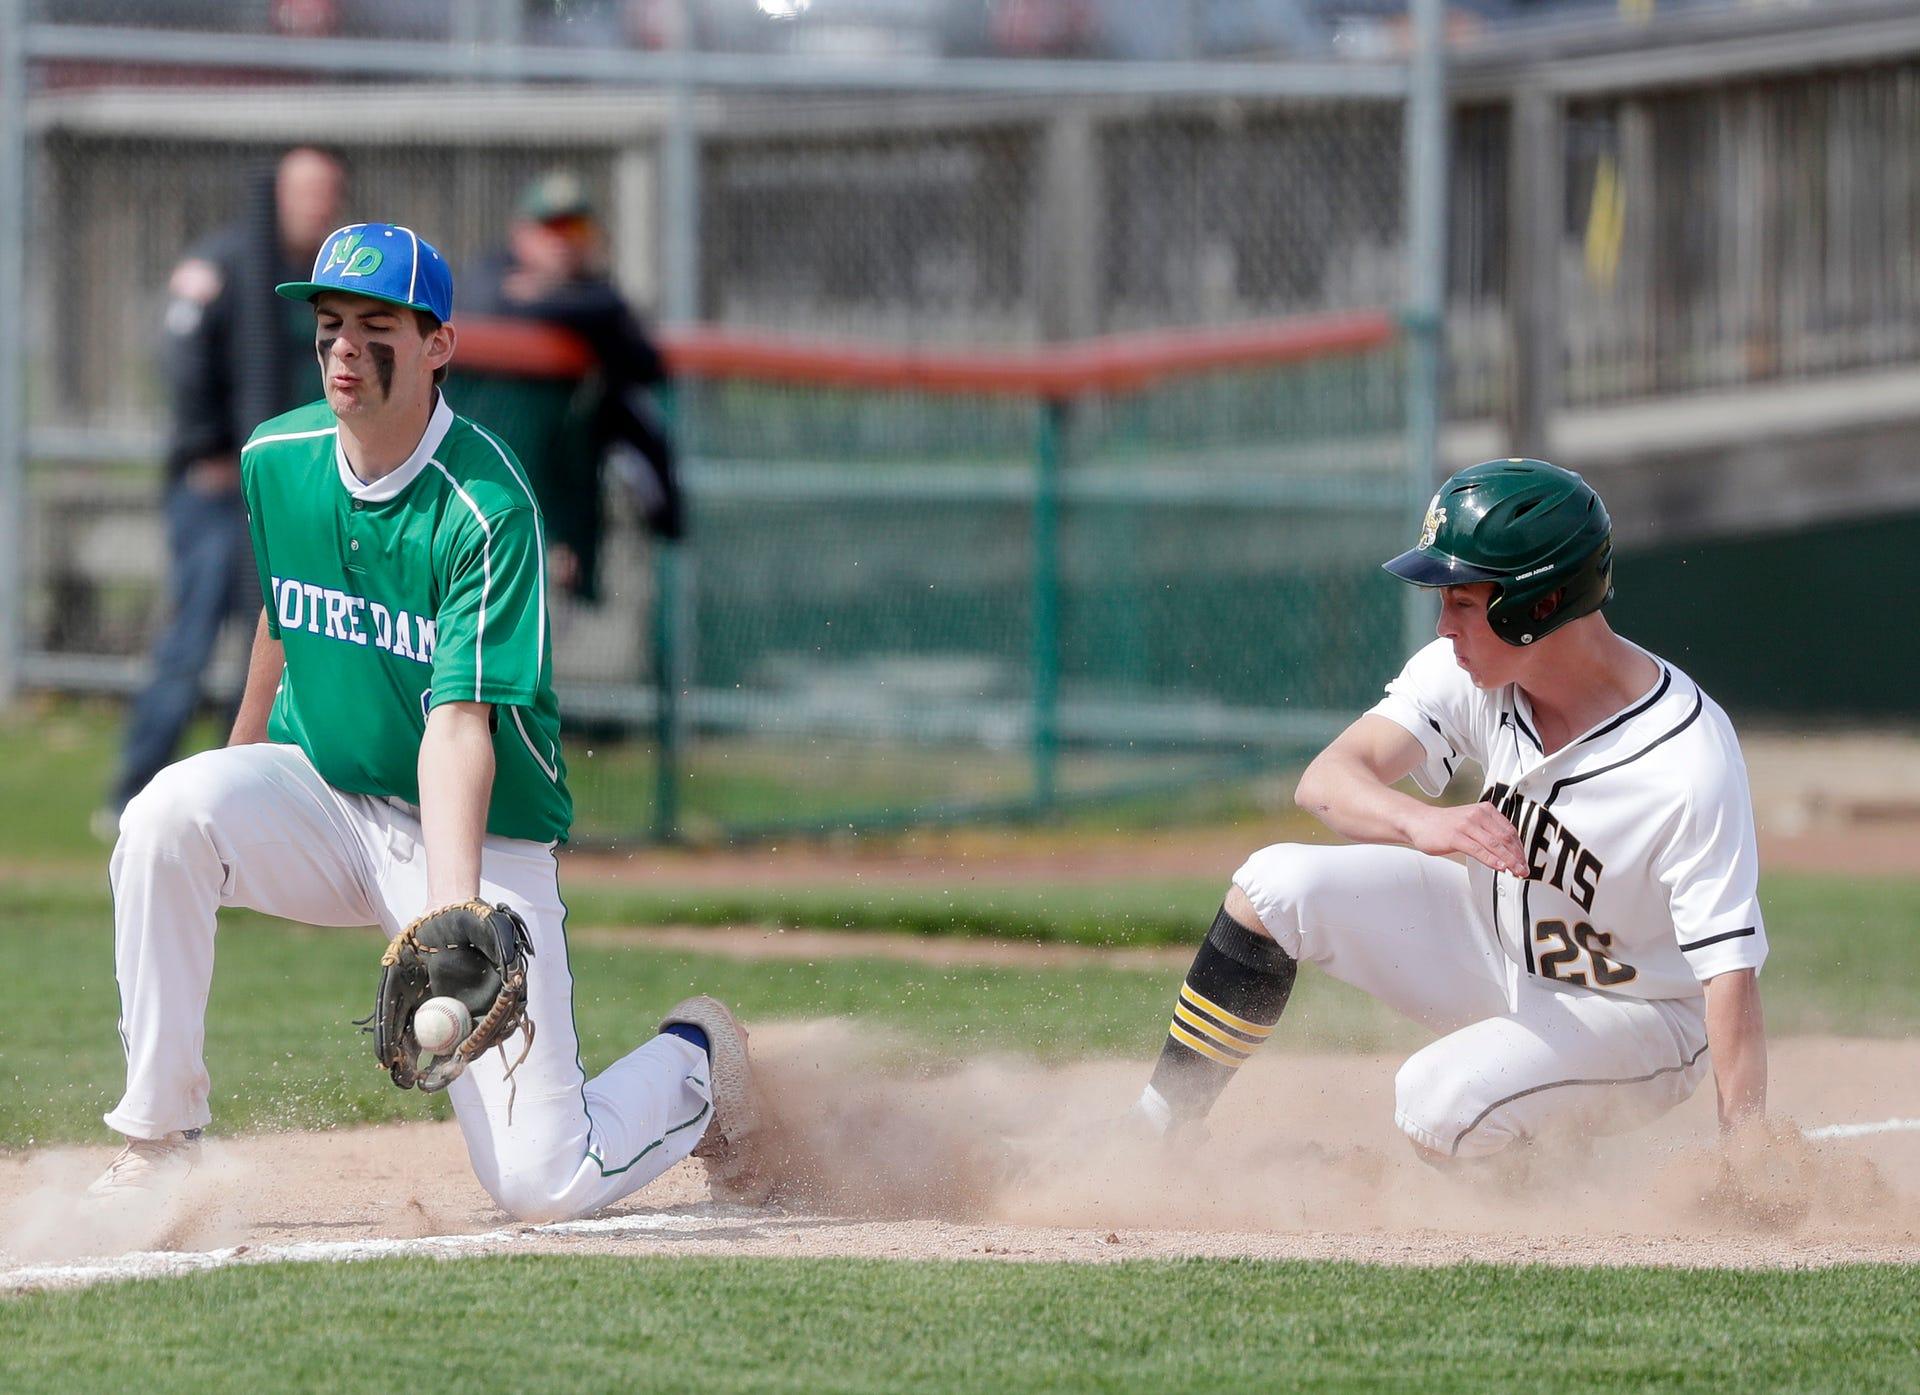 new style 8fda3 1b98e Photos: Green Bay Preble vs Notre Dame baseball